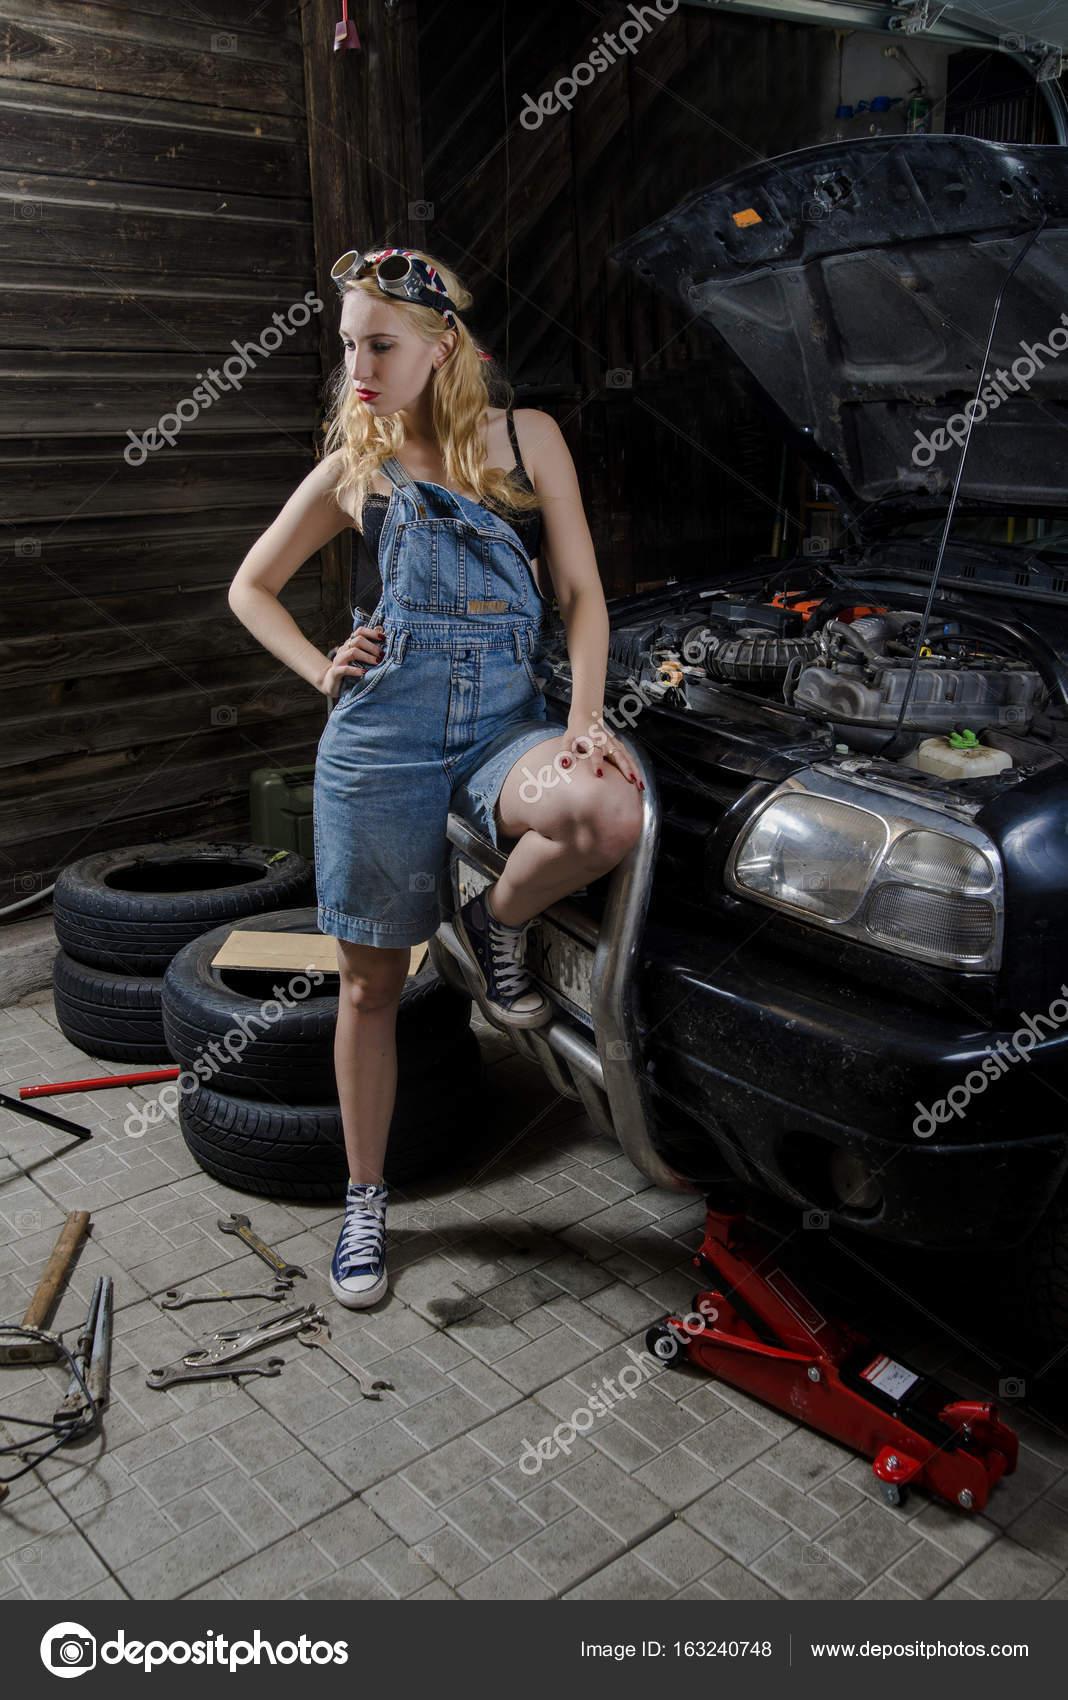 Fotos mujeres en carros deportivos mujer en el garaje - Garaje de coches ...